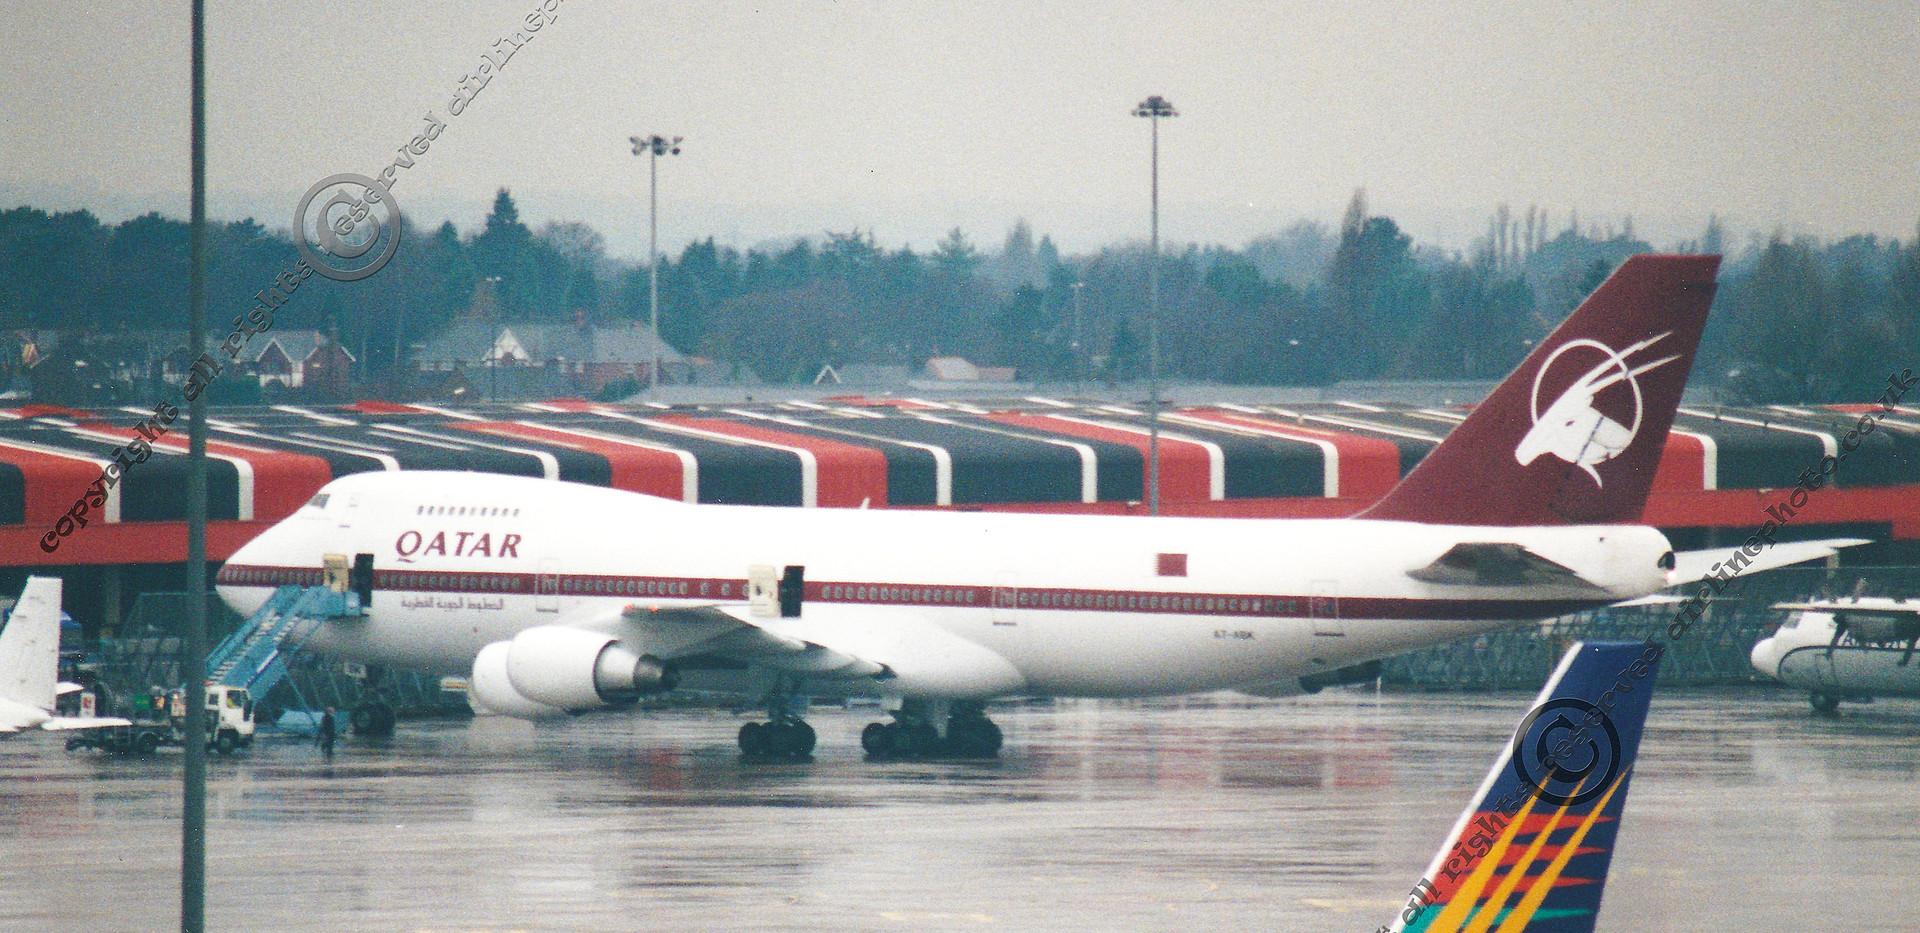 A7-ABK-Qatat-747-SR81-MAN-1995.jpg